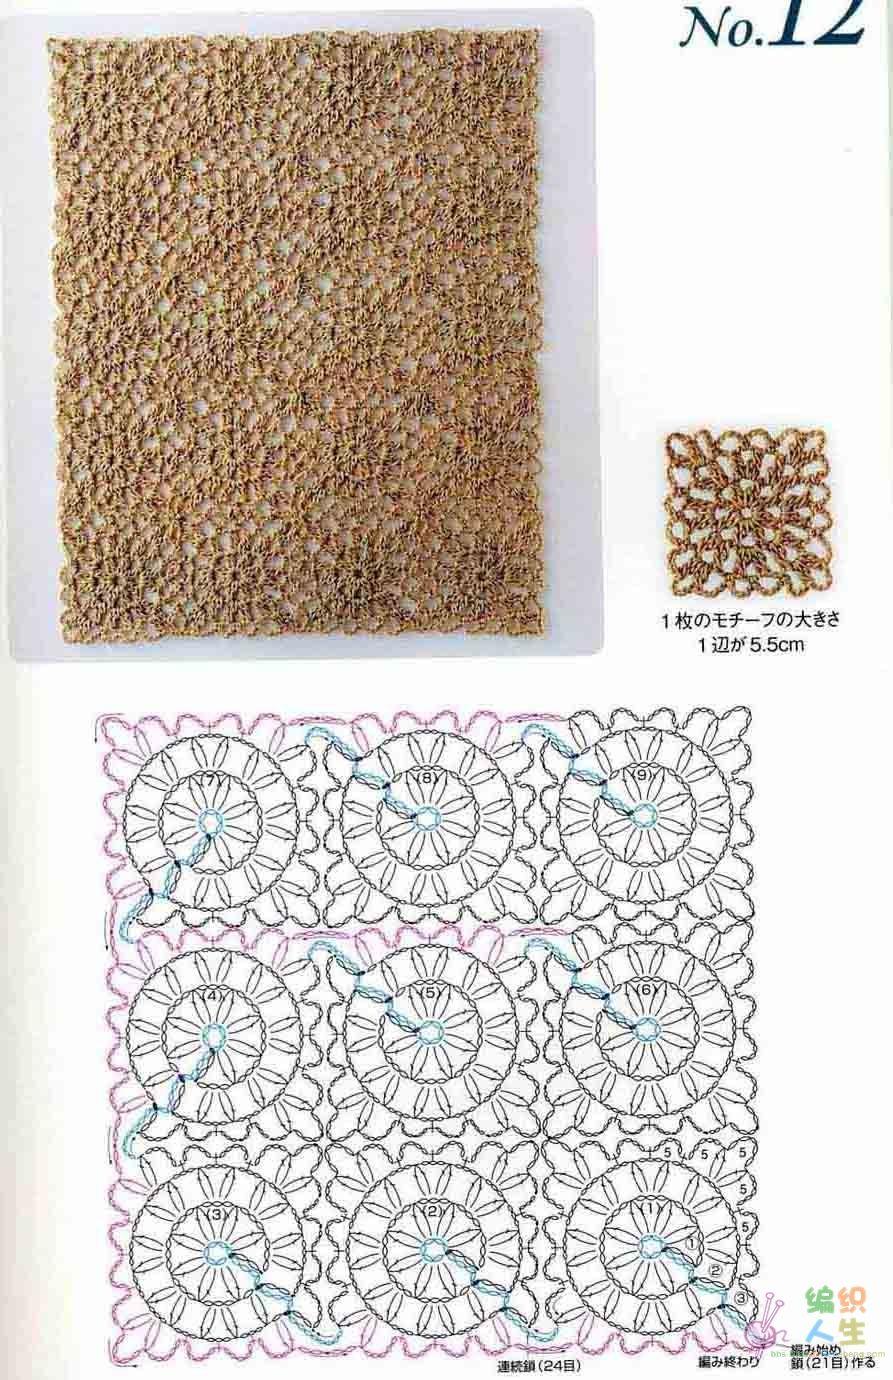 Clases de Puntos y Patrones. Libros - Patrones Crochet   MINIAPLIC ...